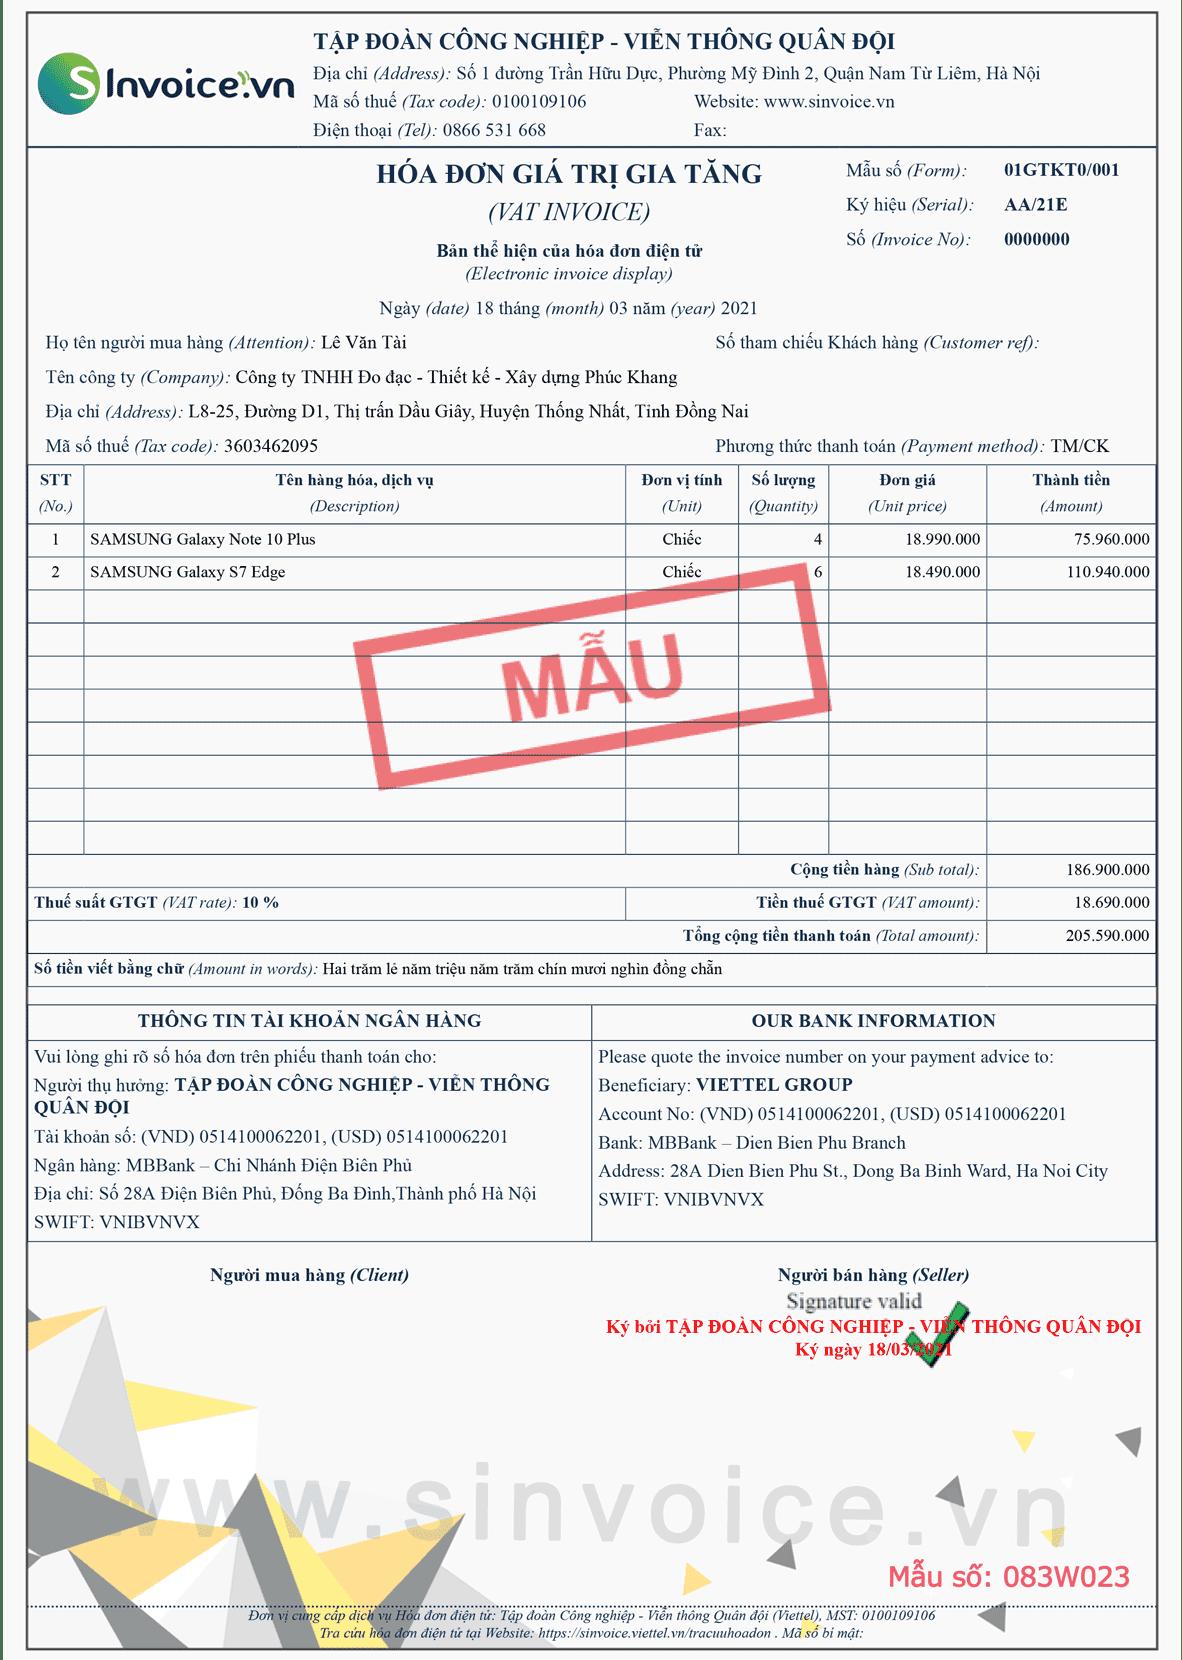 Mẫu hóa đơn điện tử số 083W023